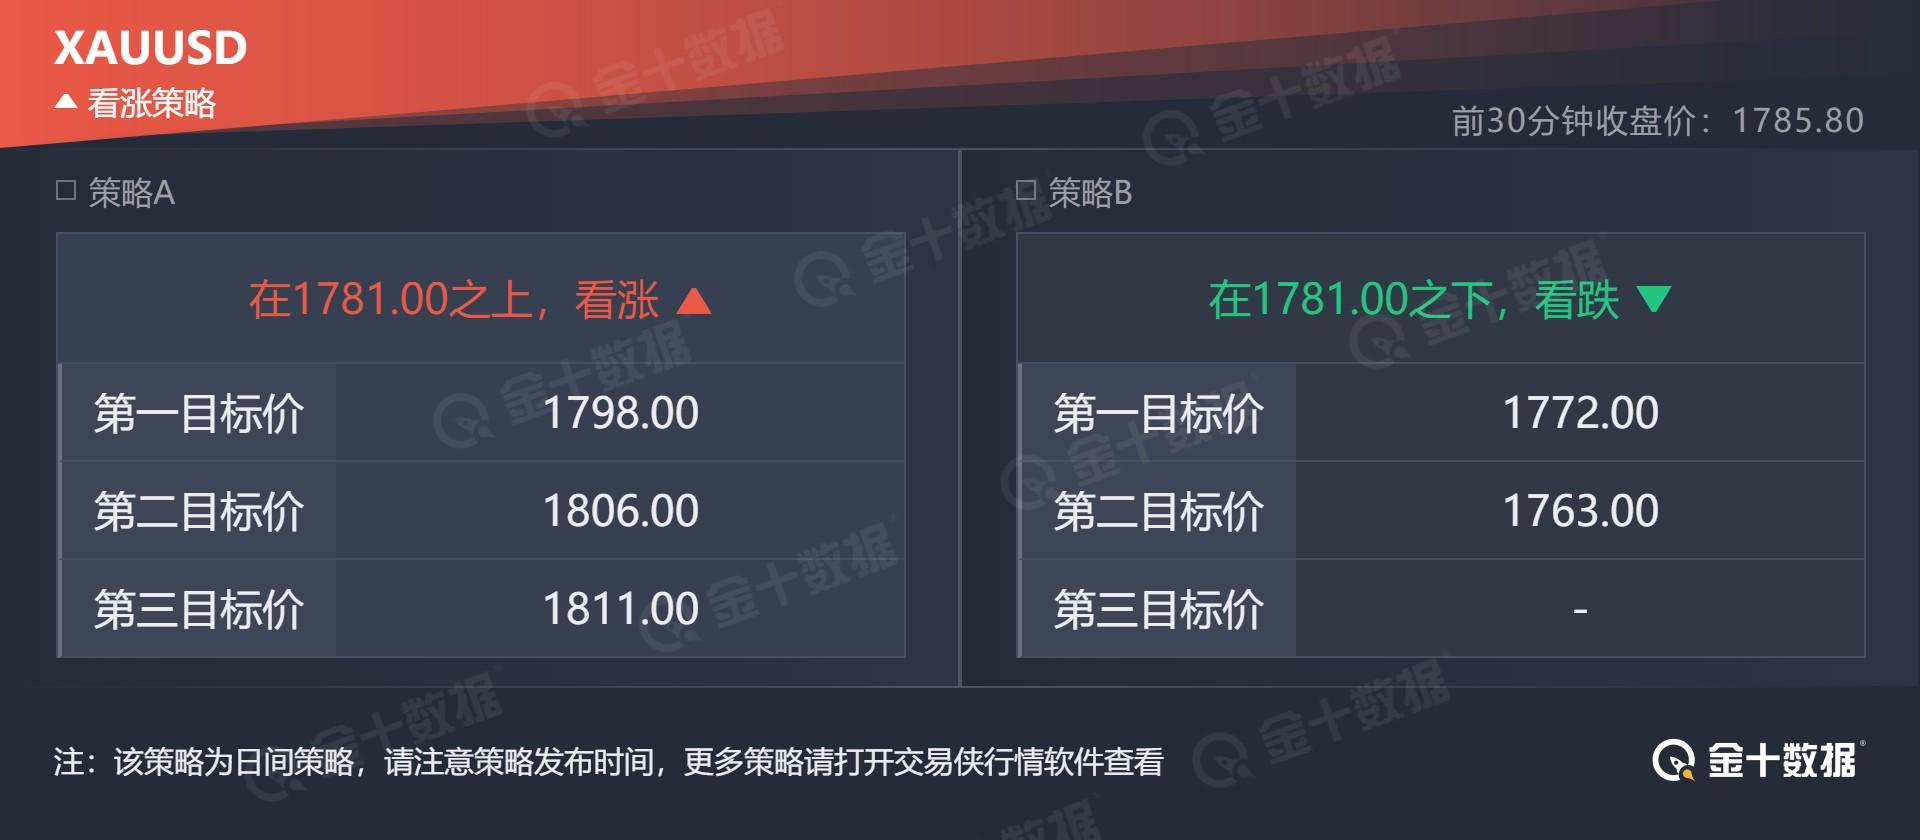 技术刘:现货金银阻力下移,欧美、镑美方向有变